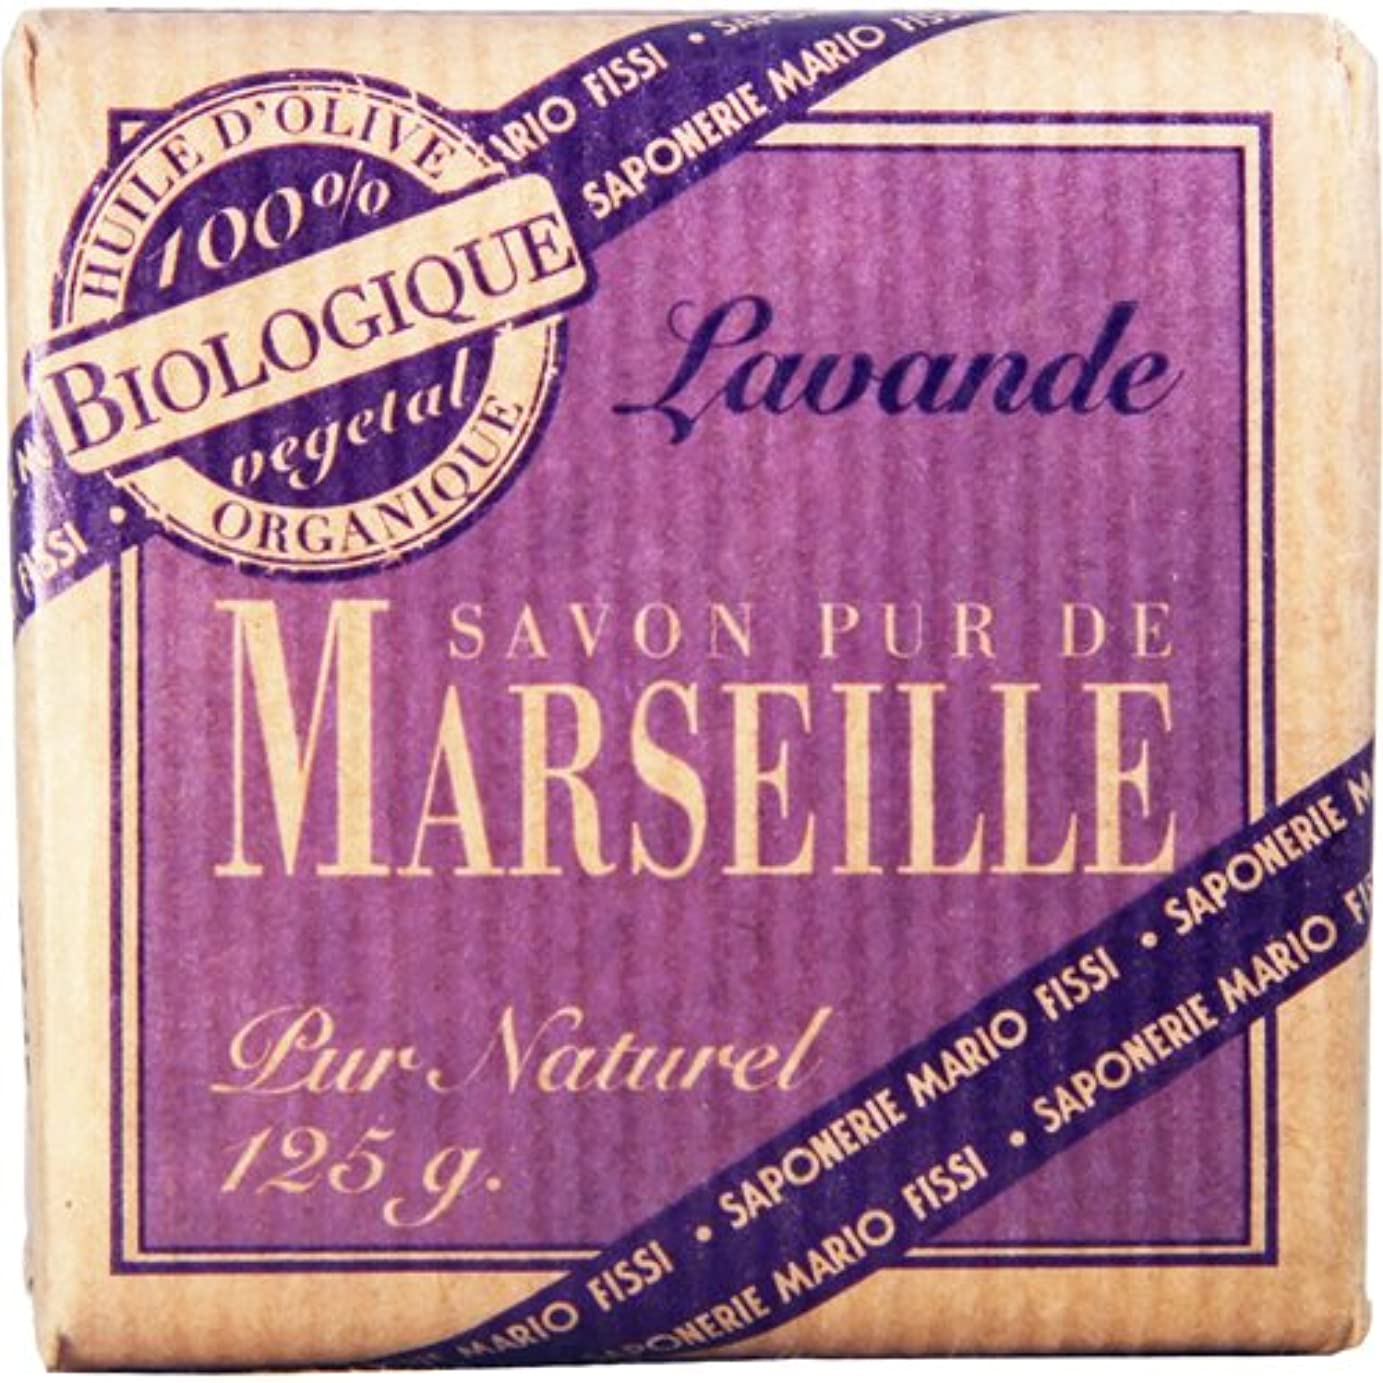 ヒューム責任者洪水Saponerire Fissi マルセイユシリーズ マルセイユソープ 125g Lavender ラベンダー